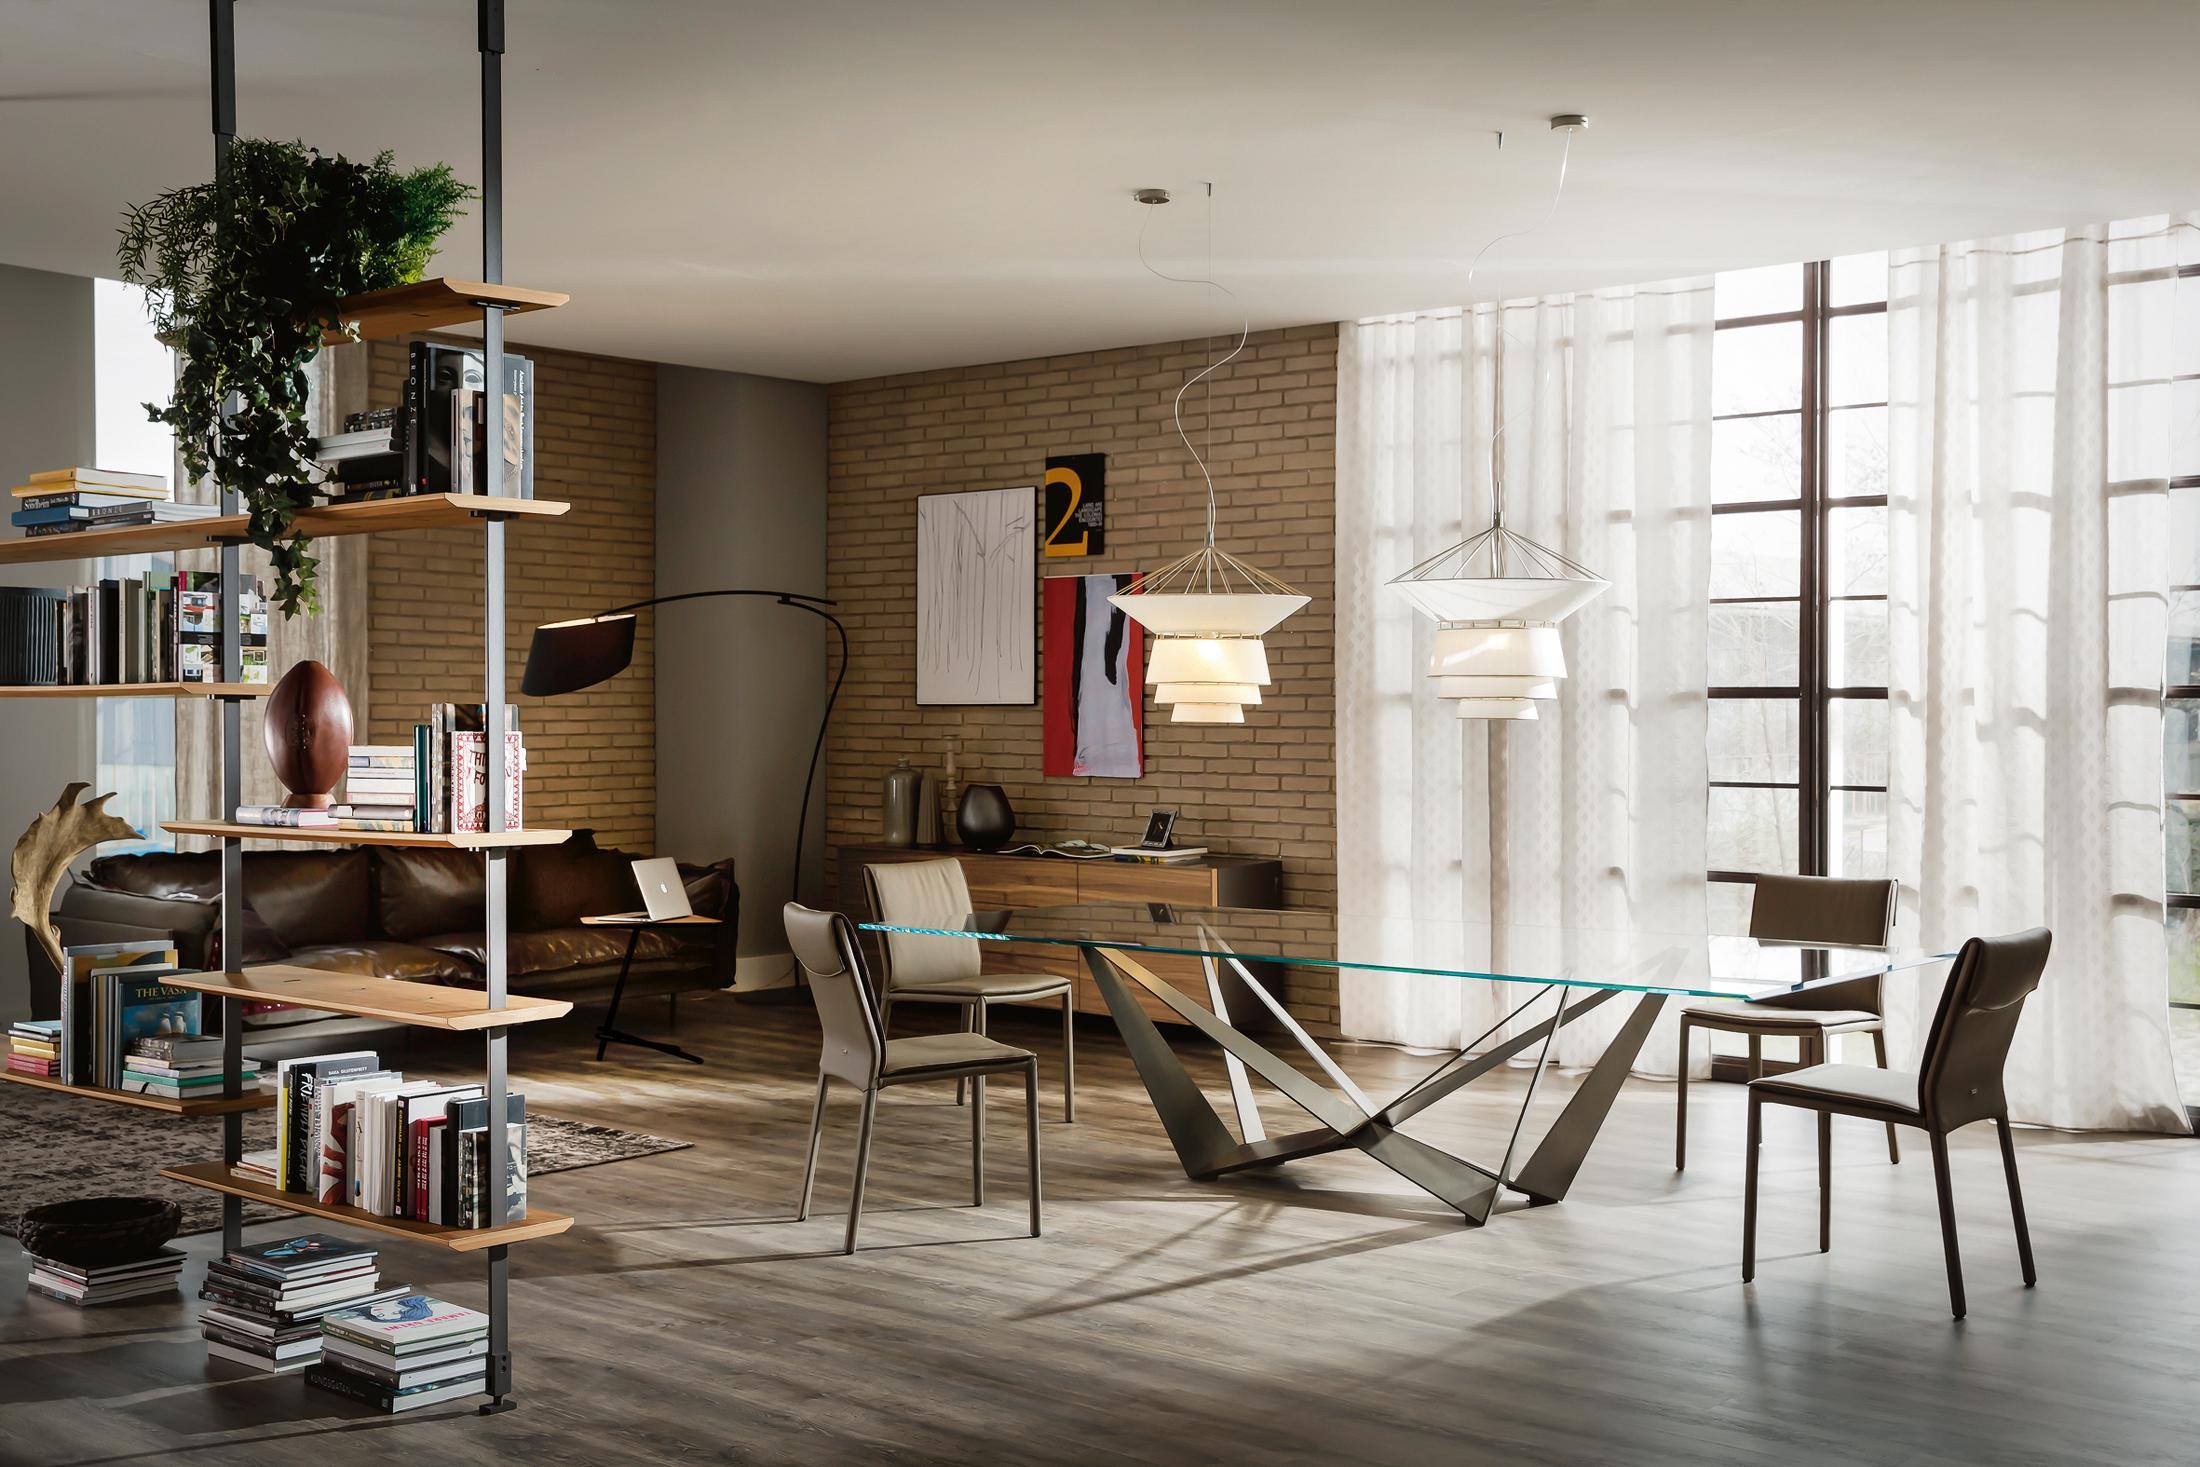 Schön Modernes Wohnzimmer Mit Esstisch Aus Glas #stuhl #eklektisch #glastisch © Cattelan Italia